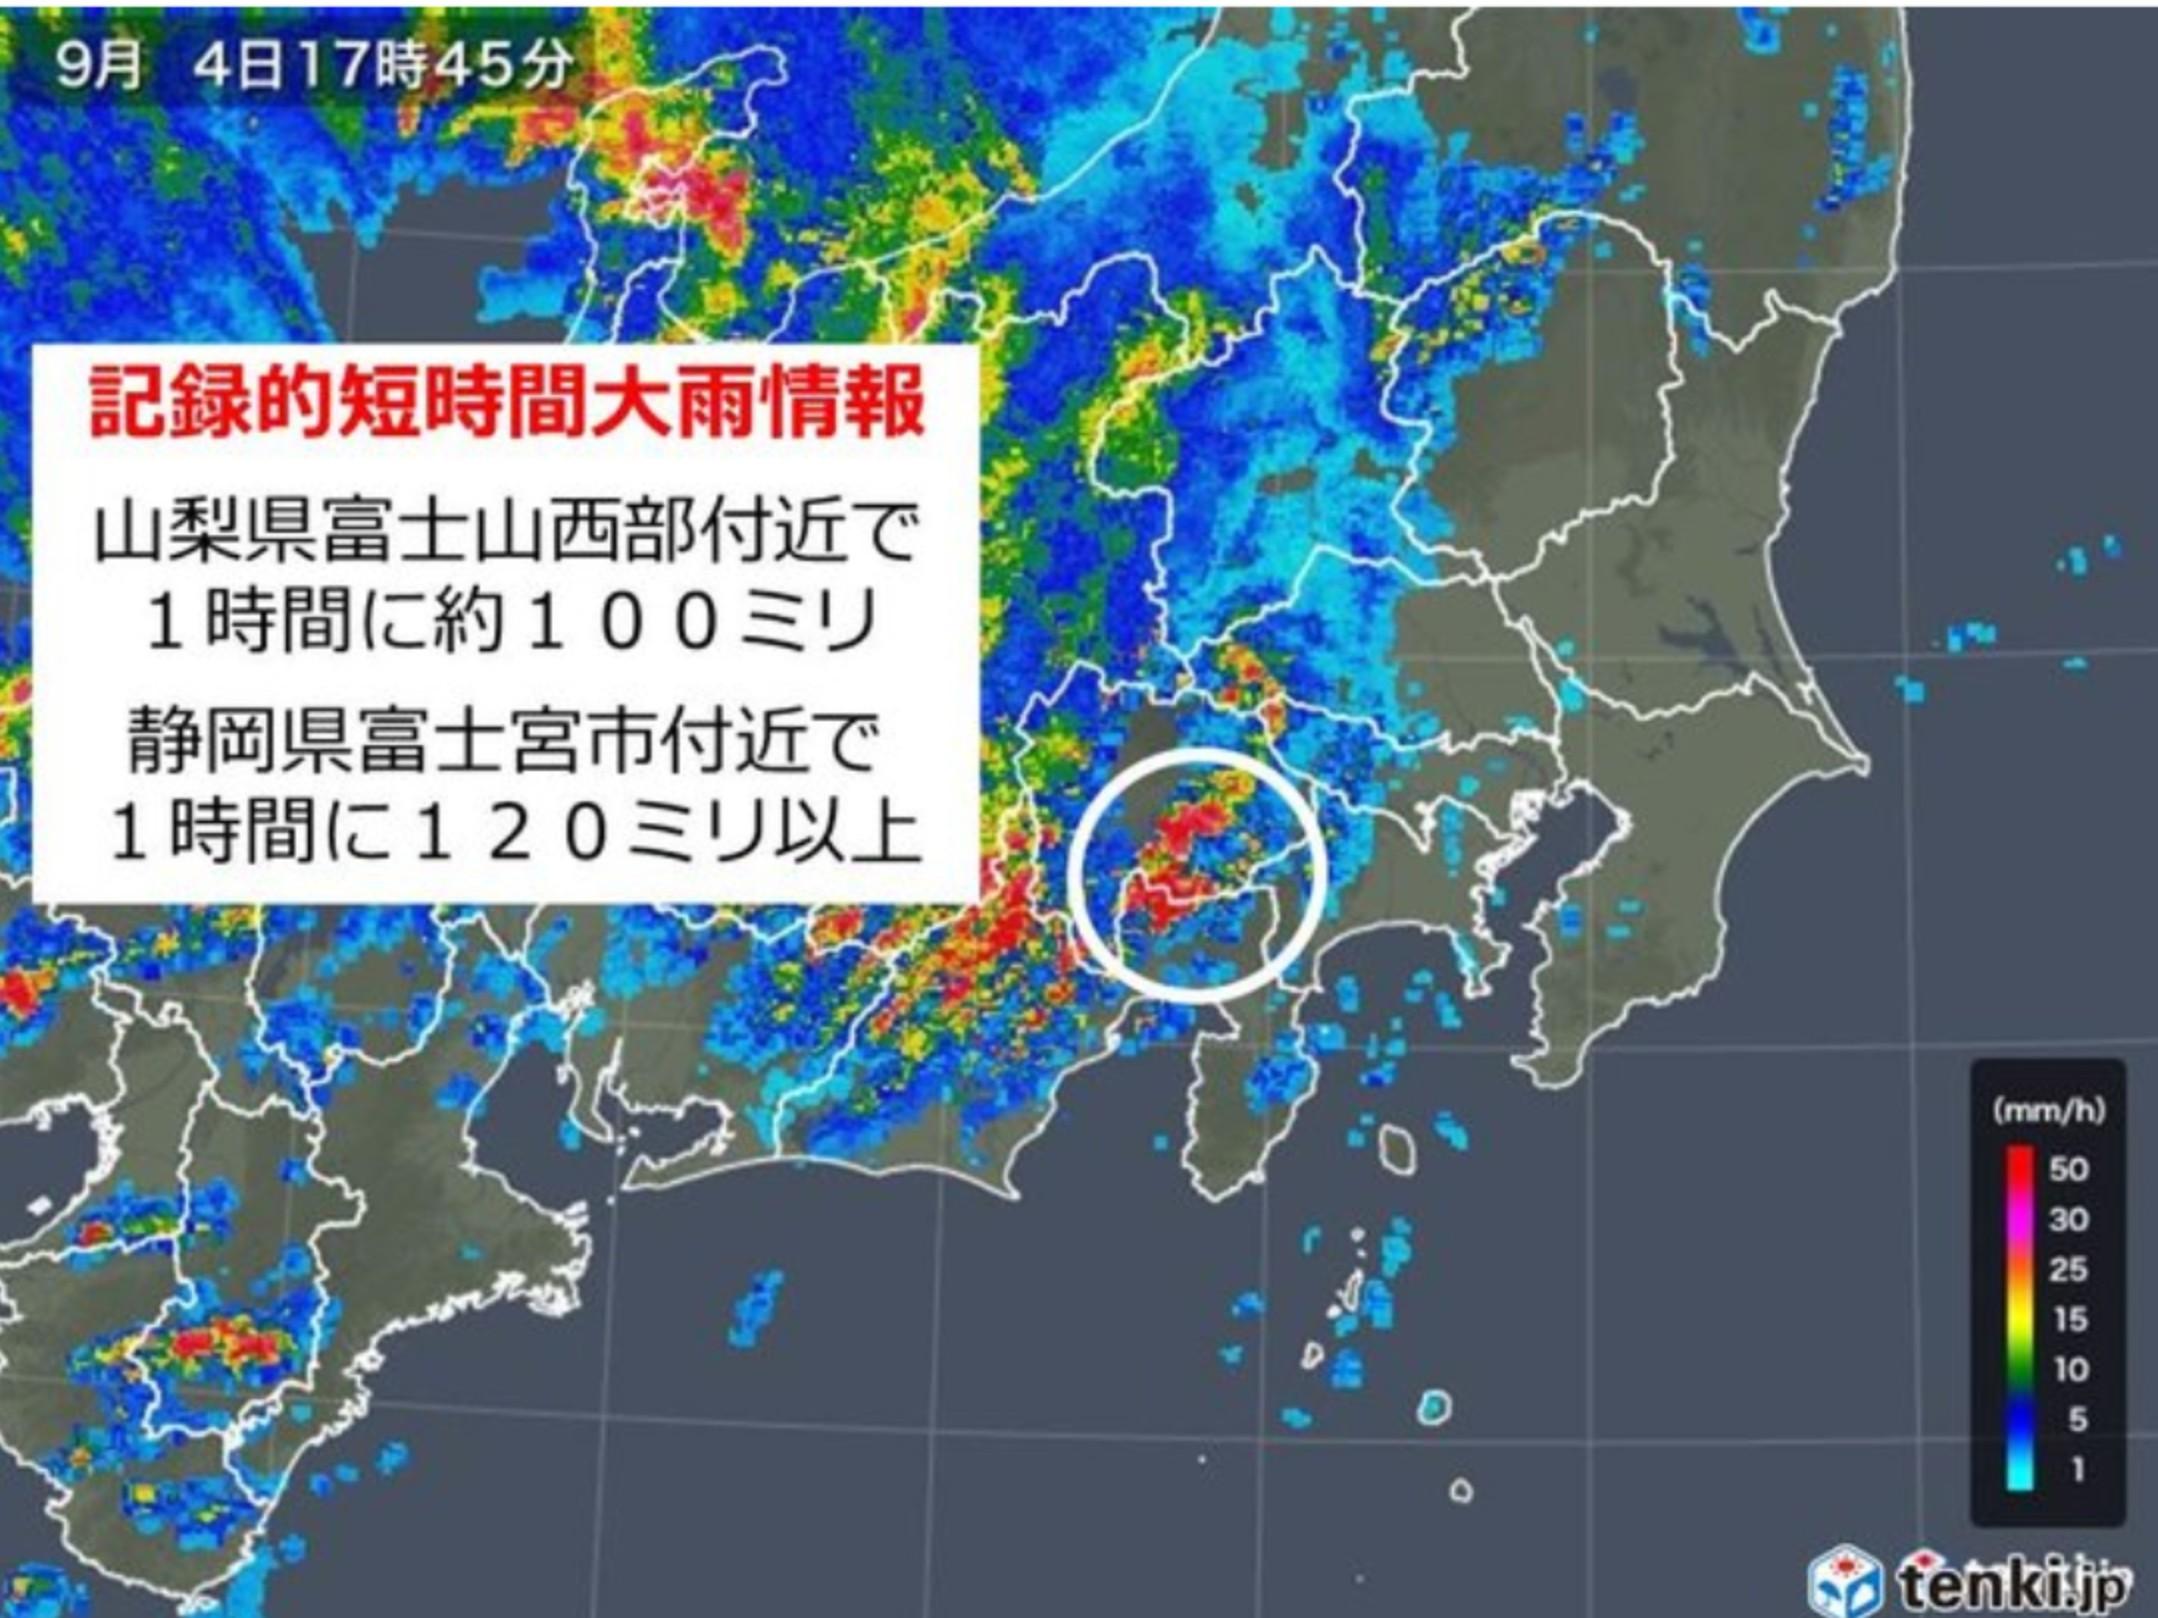 富士山西側で?